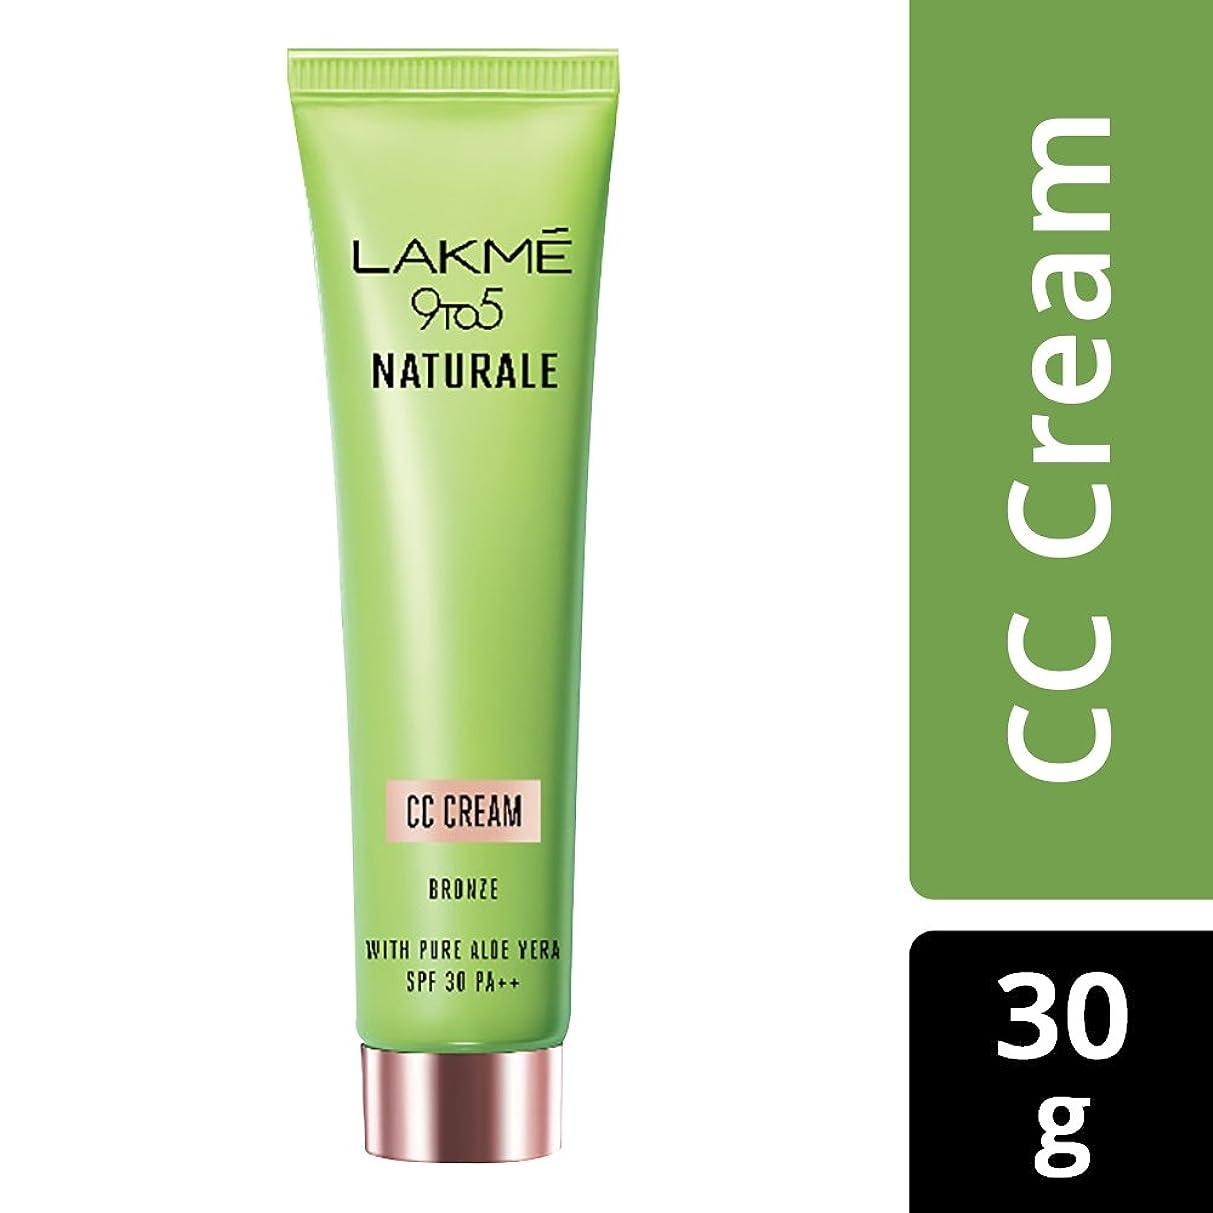 ストレージマザーランドばかげたLakme 9 to 5 Naturale CC Cream, Bronze, 30g